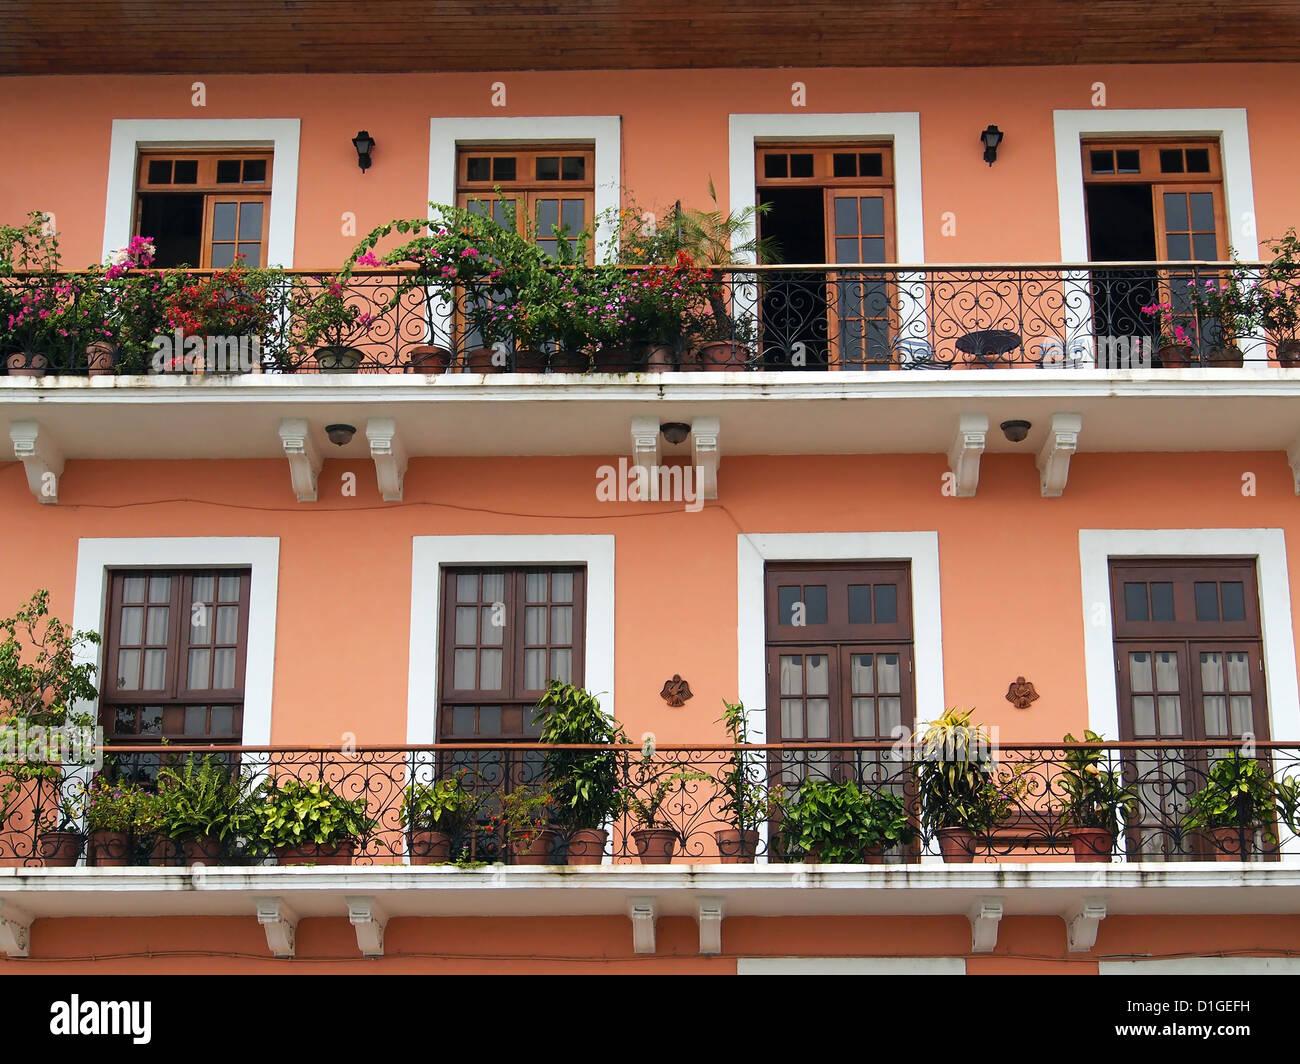 Una casa coloniale balcone con fiori e piante, Casco Viejo, Panama City, Panama America Centrale Immagini Stock